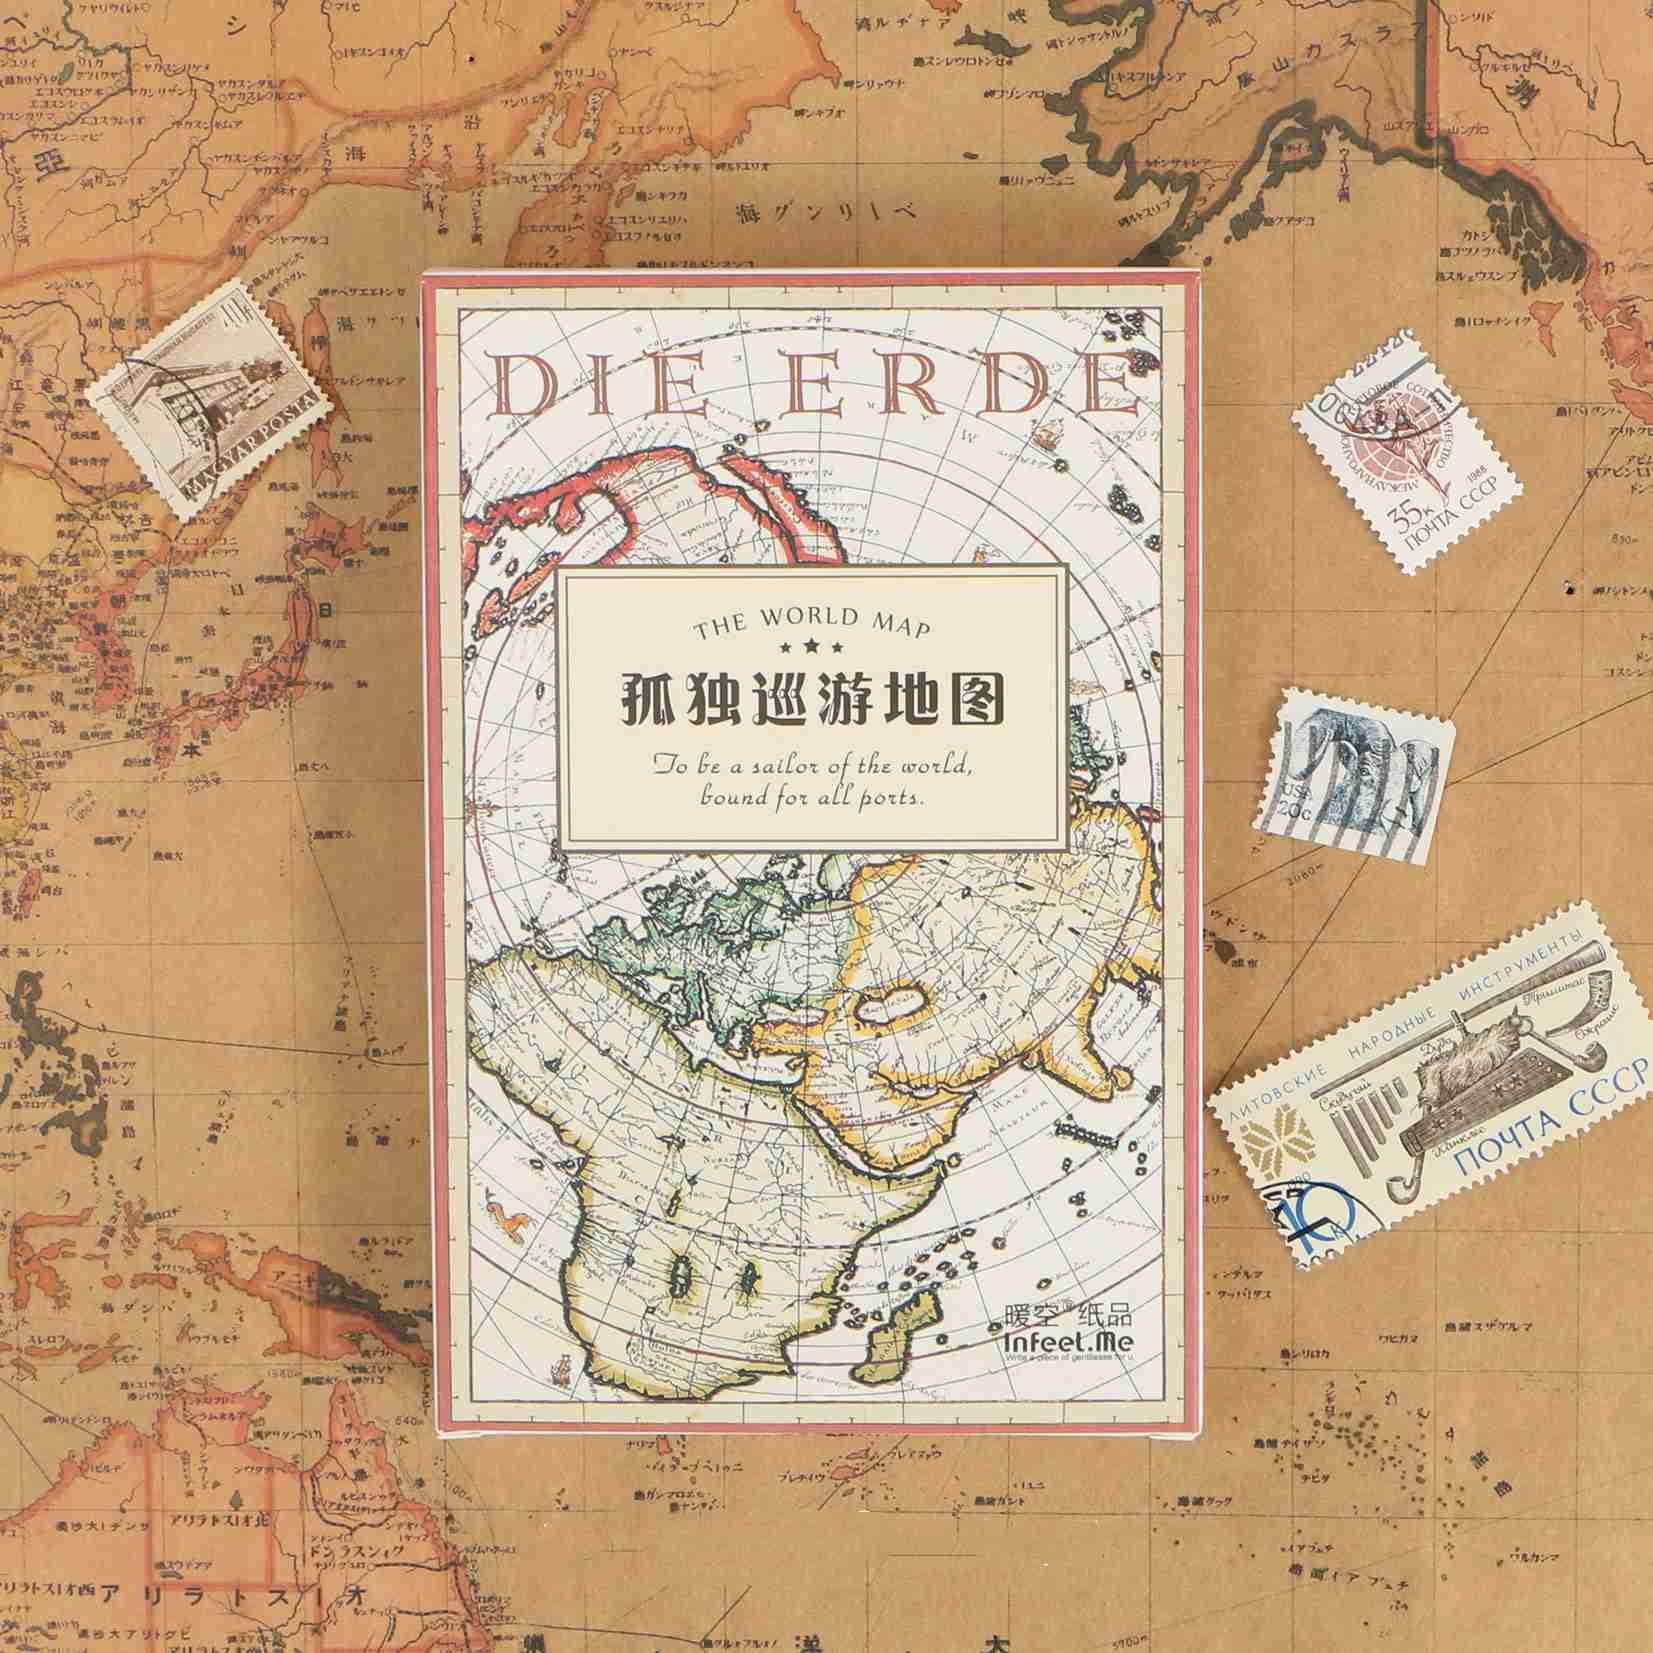 Поздравительные открытки World Tour, 30 шт., смешанные модели, винтажные художественные открытки, школьные деловые бумажные закладки для книг